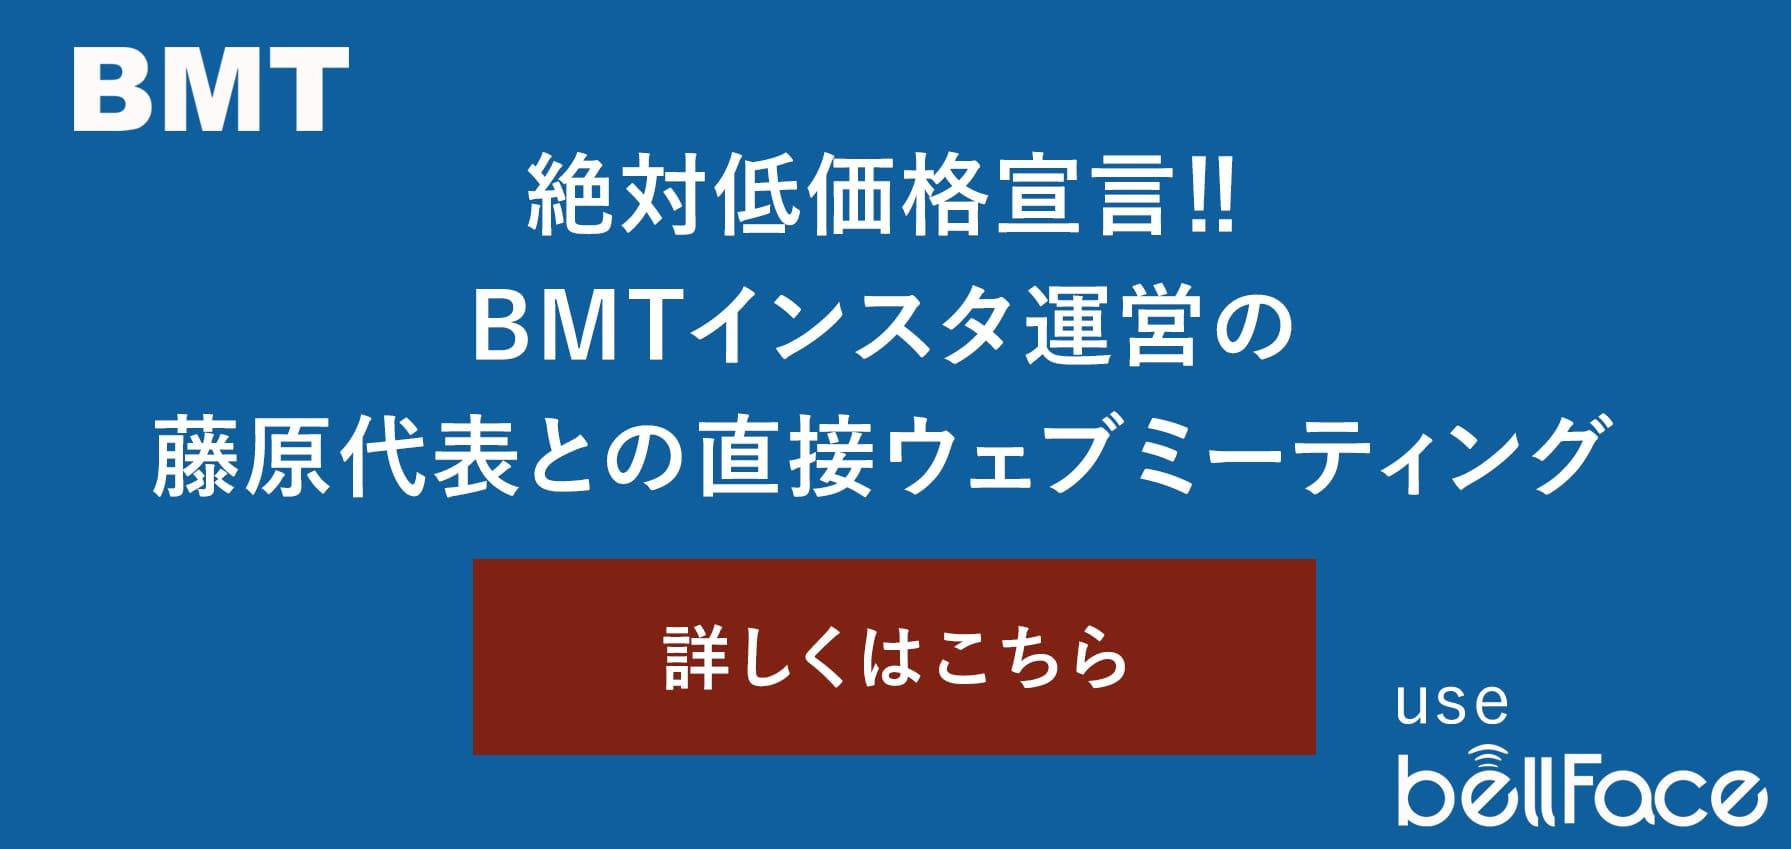 絶対低価格宣言!BMTインスタ運営の藤原 代表との直接ウェブミーティング